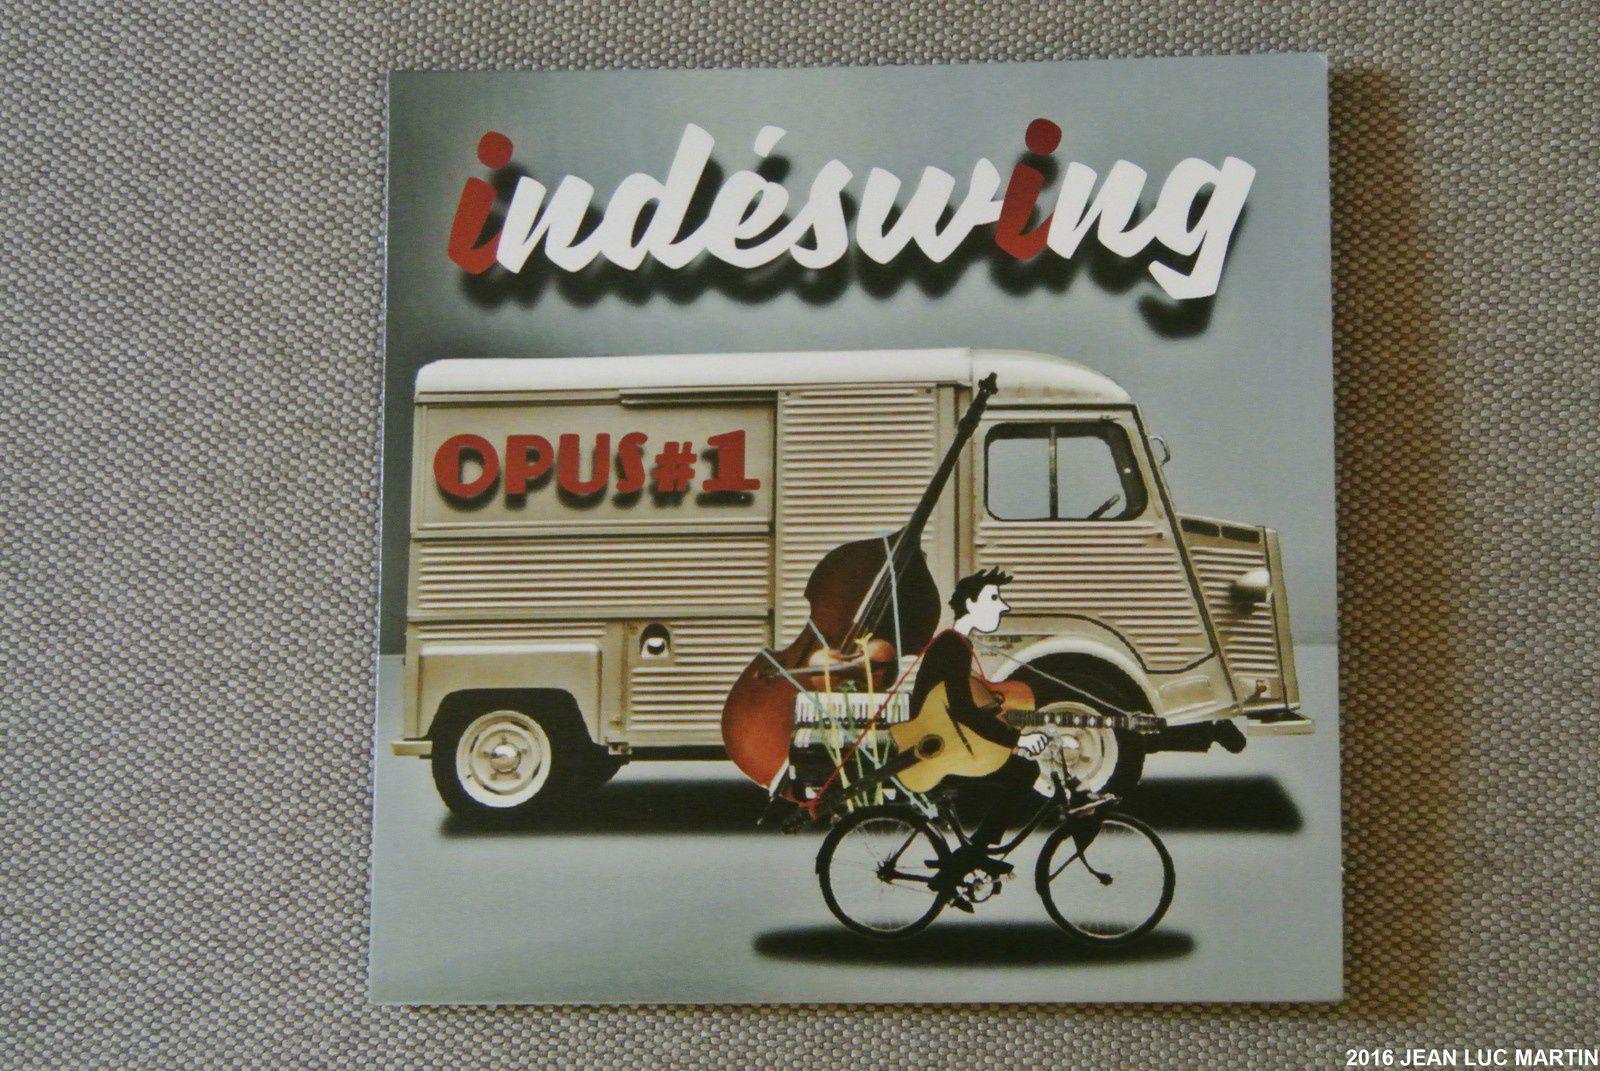 INDE SWING: OPUS ONE  LE 1ER CD D'UN GROUPE PLEIN D'AVENIR